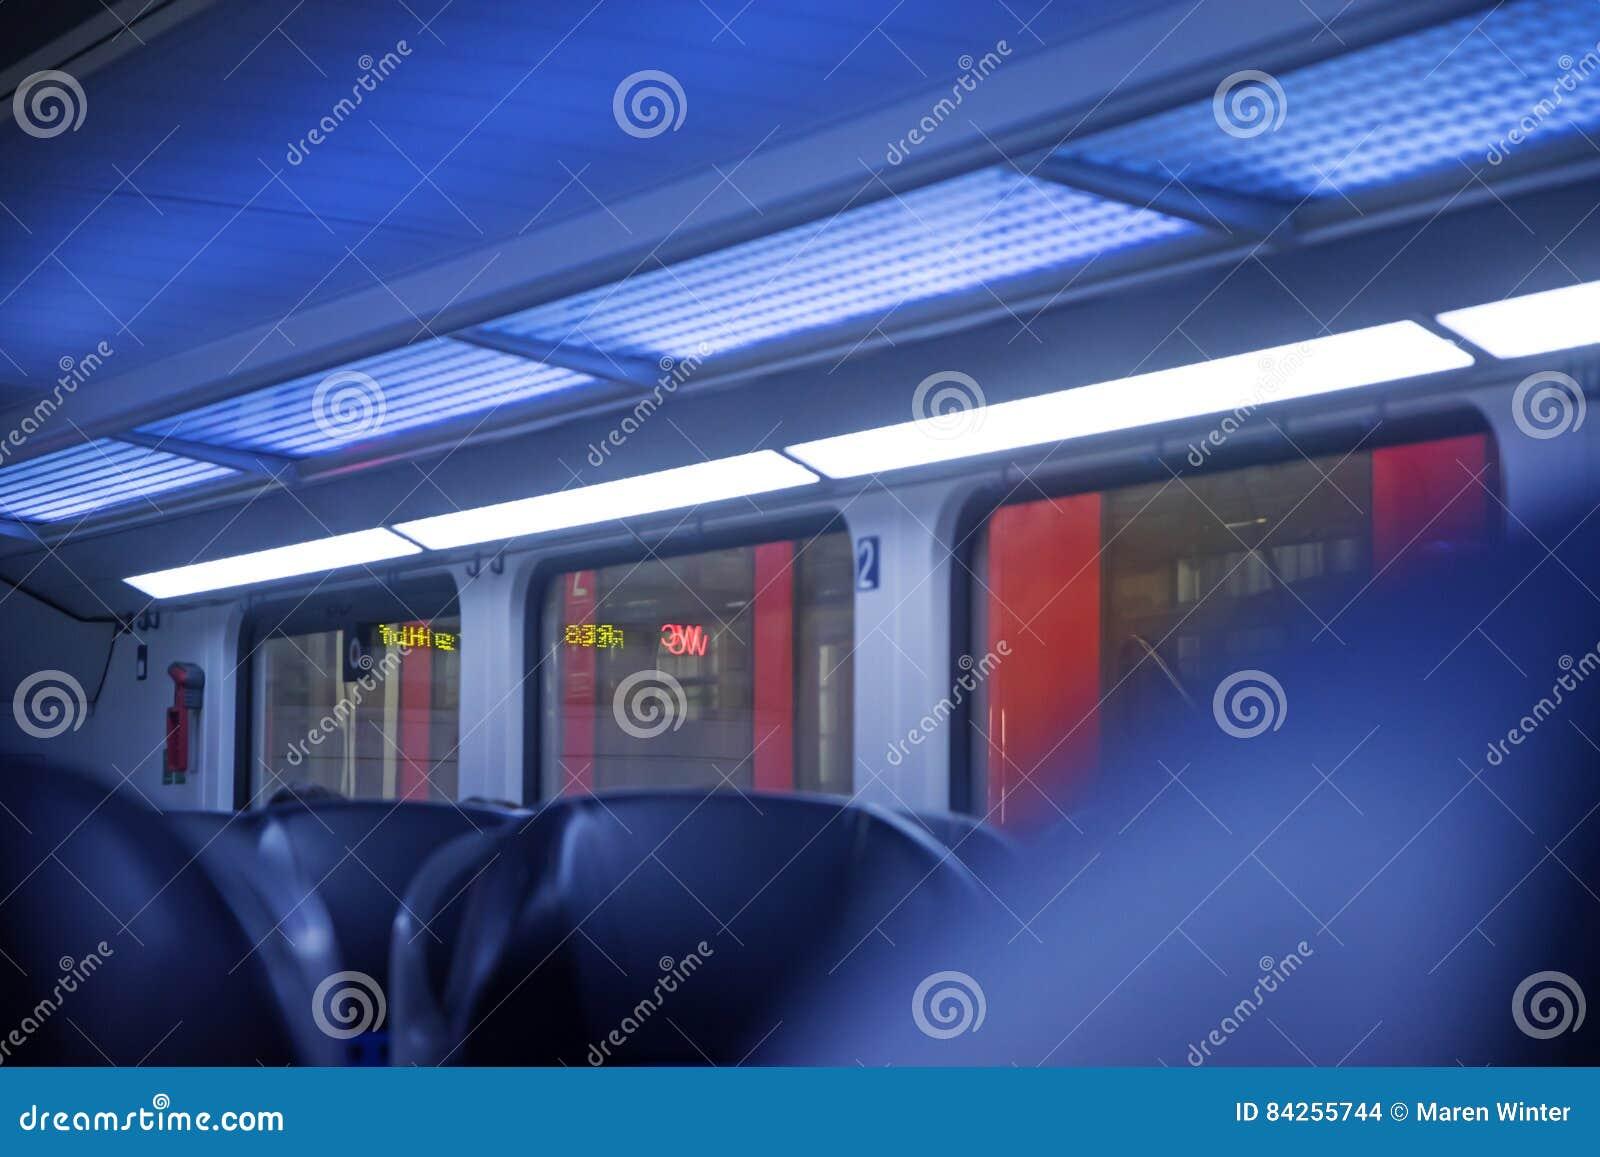 Binnen een regionale trein, vage abstracte achtergrond in blauw en